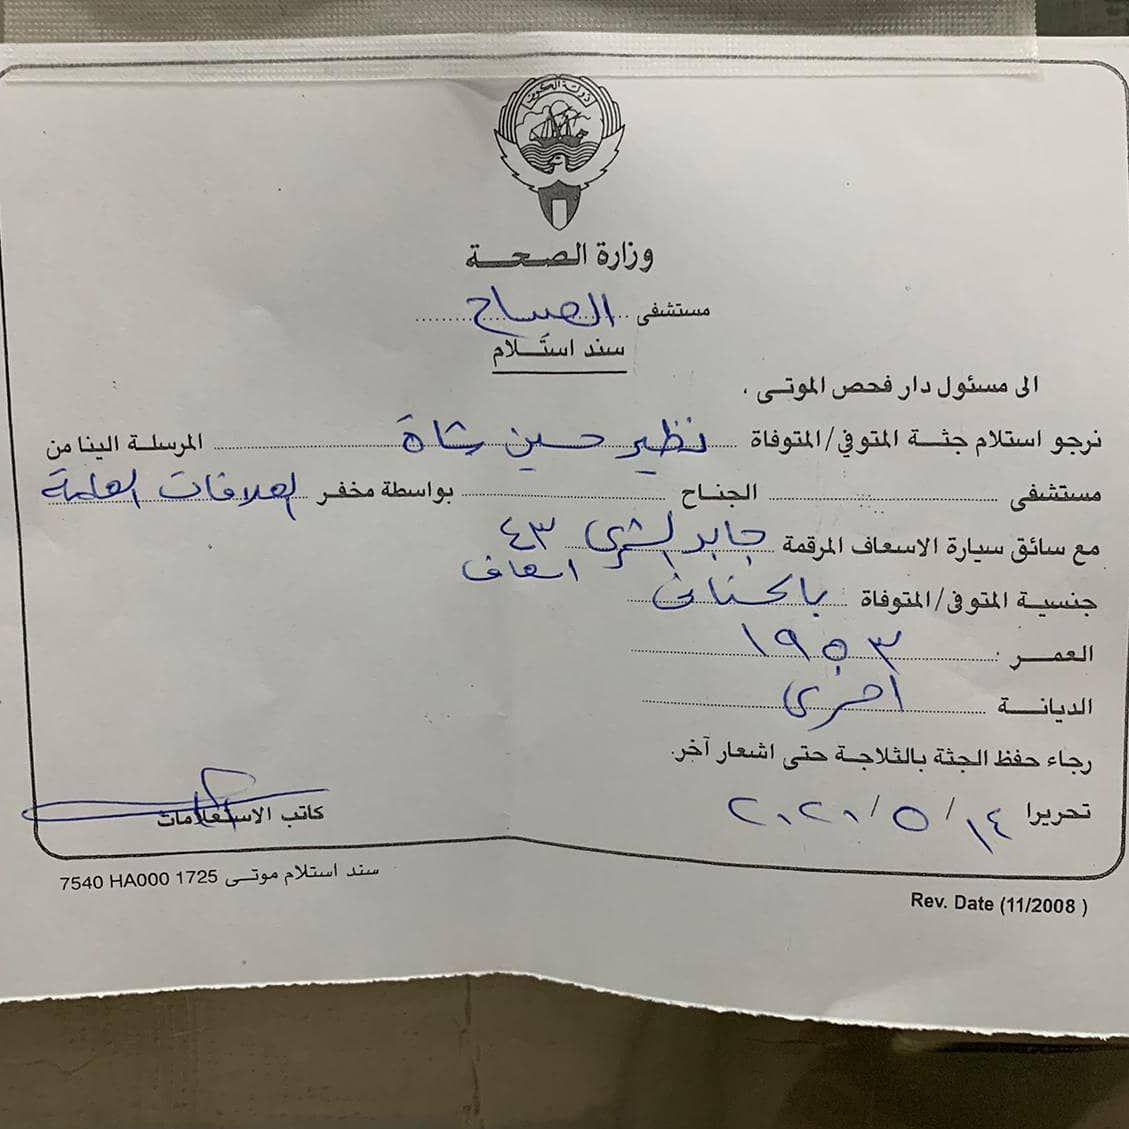 صباح ہسپتال کویت کے سردخانے میں ایک پاکستانی شہری نظیر حسین شاہ کی میت وارثین کے انتظار میں ہے اگر ان کے وارث یا دوست احباب کویت میں م Instagram Person